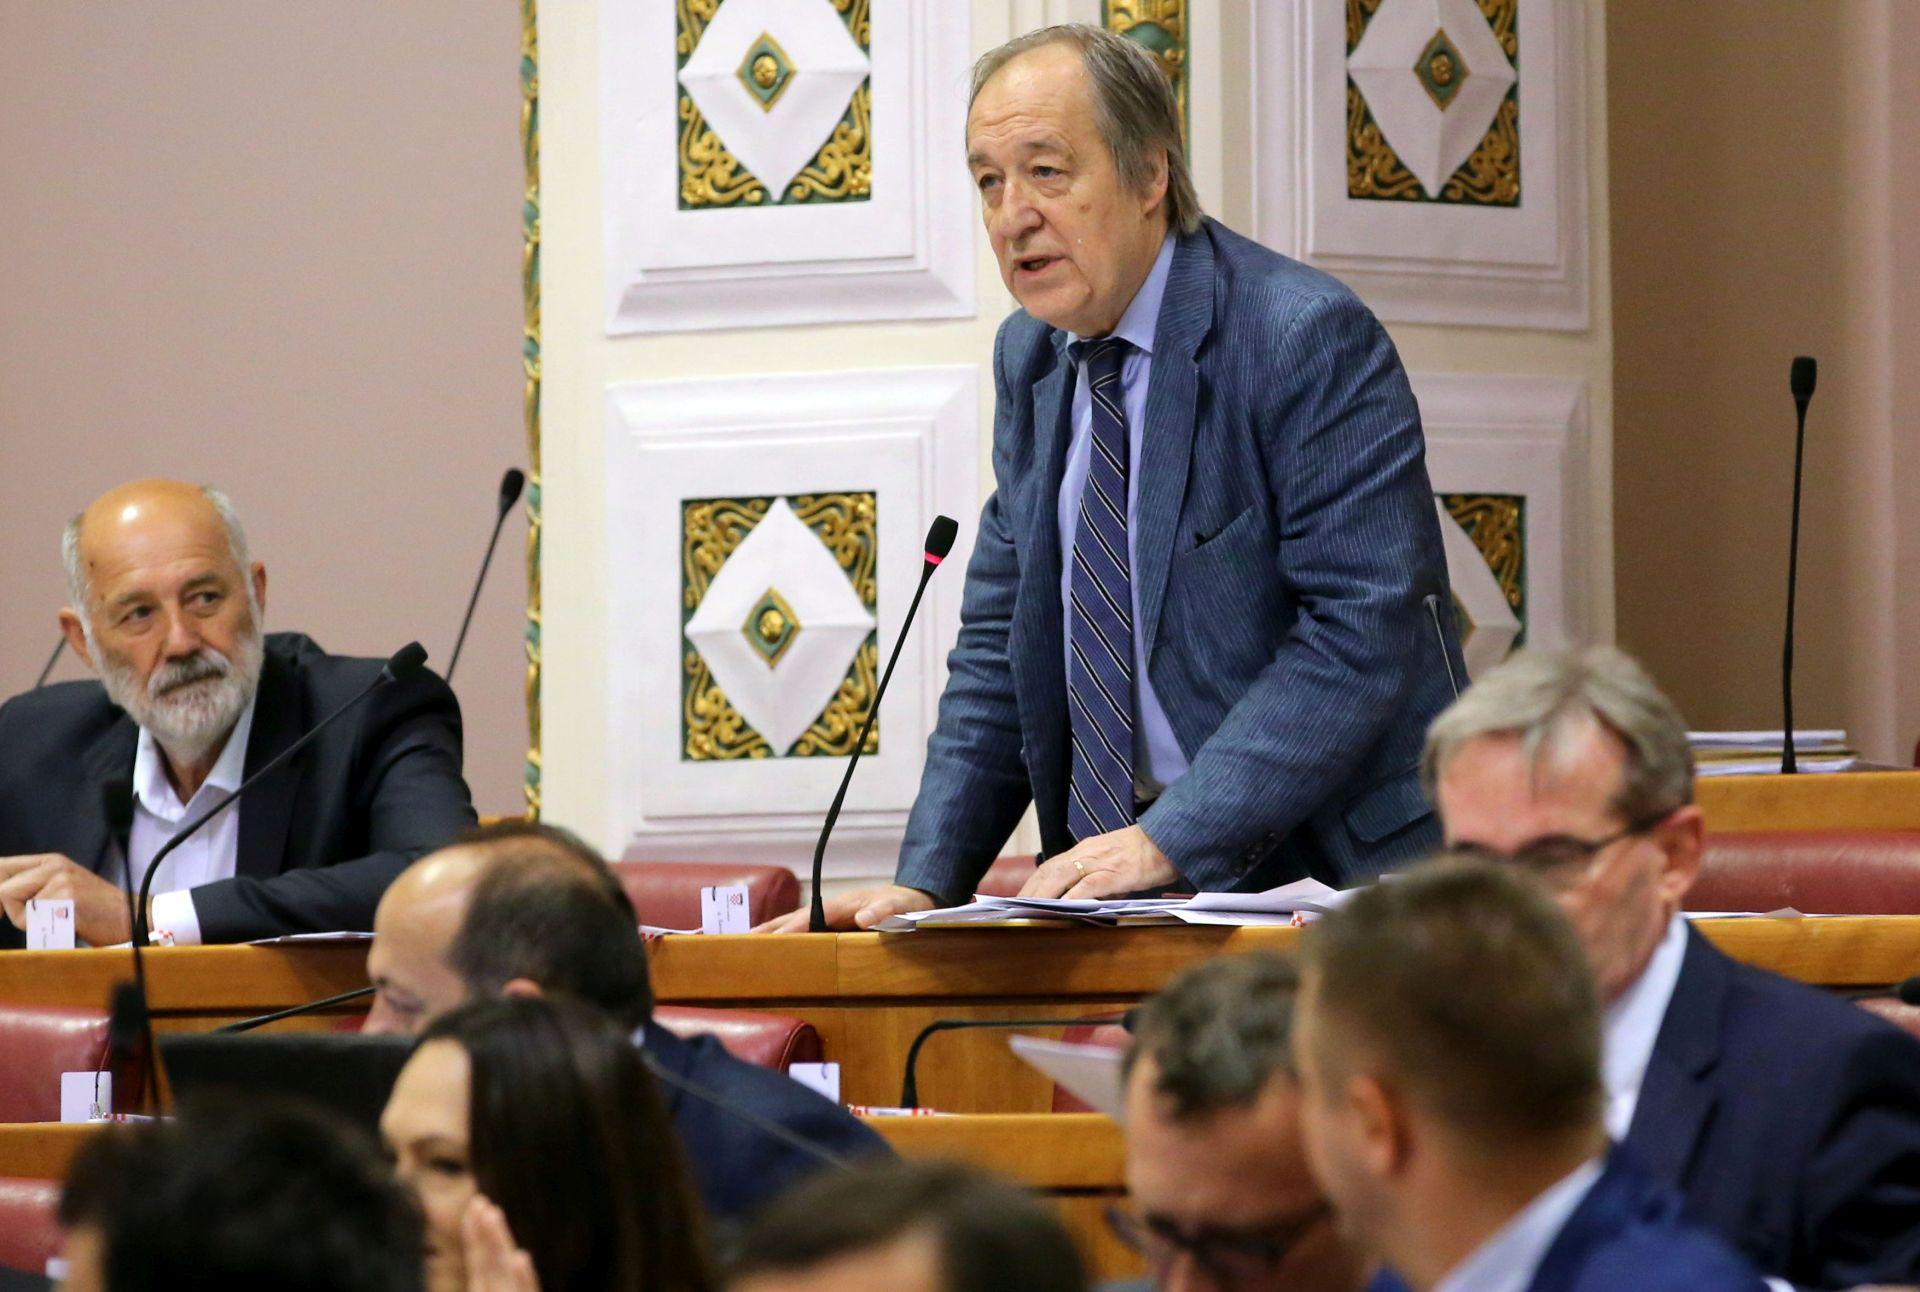 'EDIT ĆE IZDRŽATI': Furio Radin proziva ministra Hasanbegovića